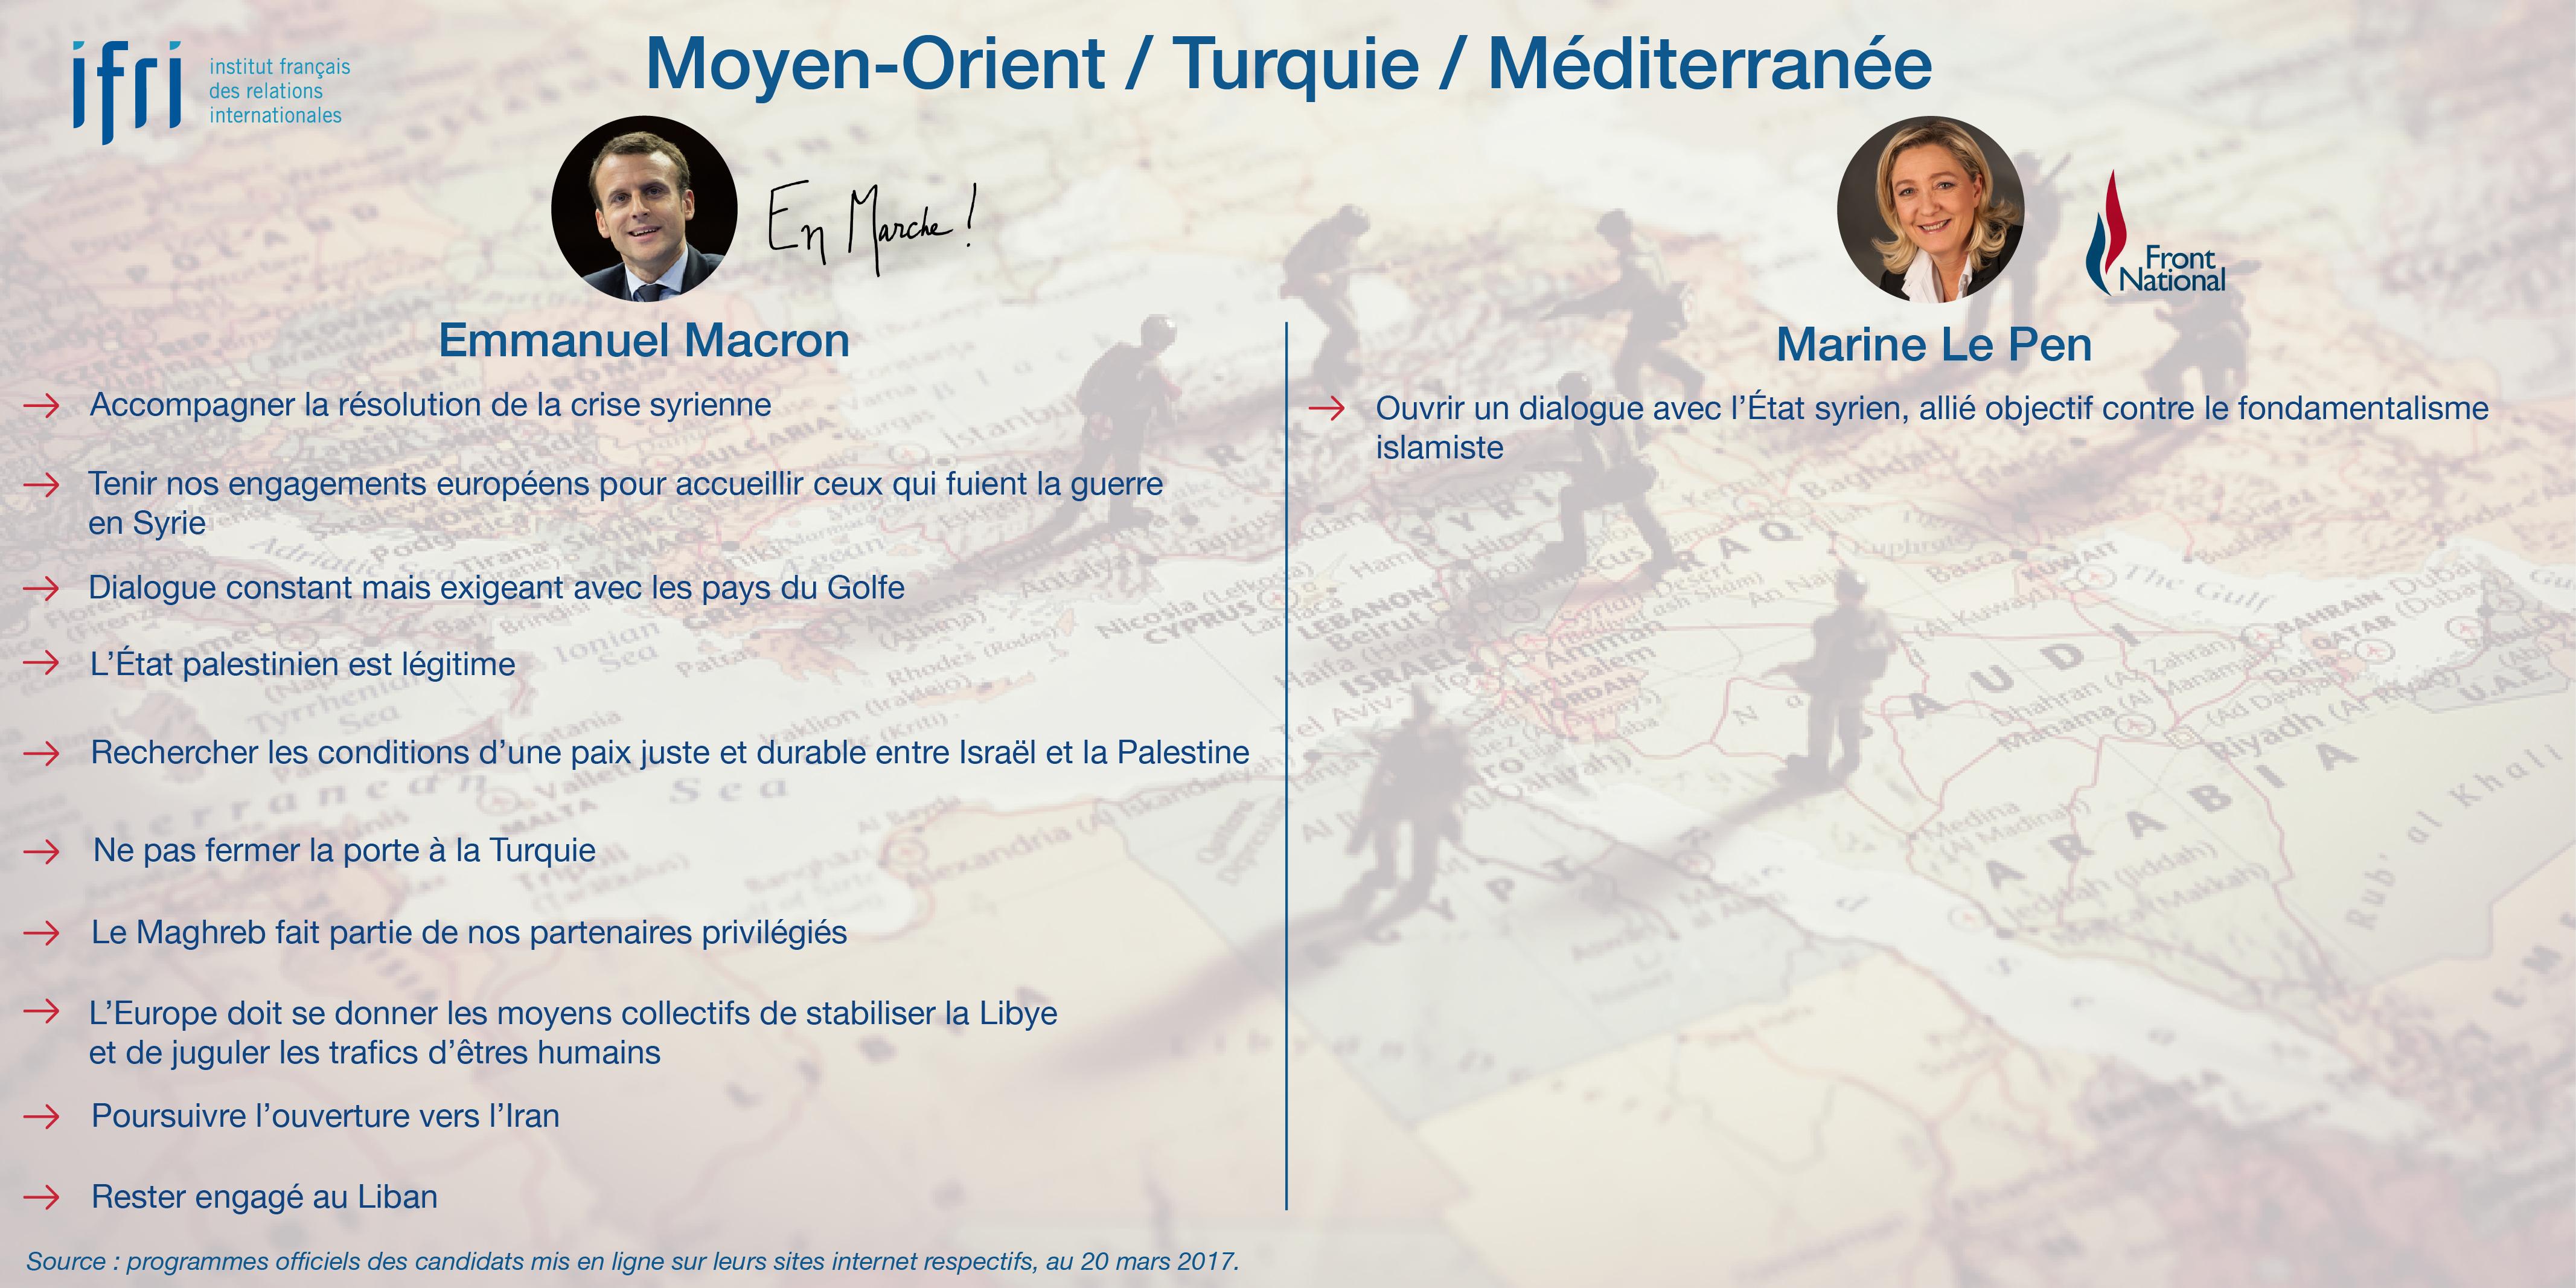 Moyen-Orient - Turquie - Méditerranée - Macron - Le Pen - Présidentielle 2017